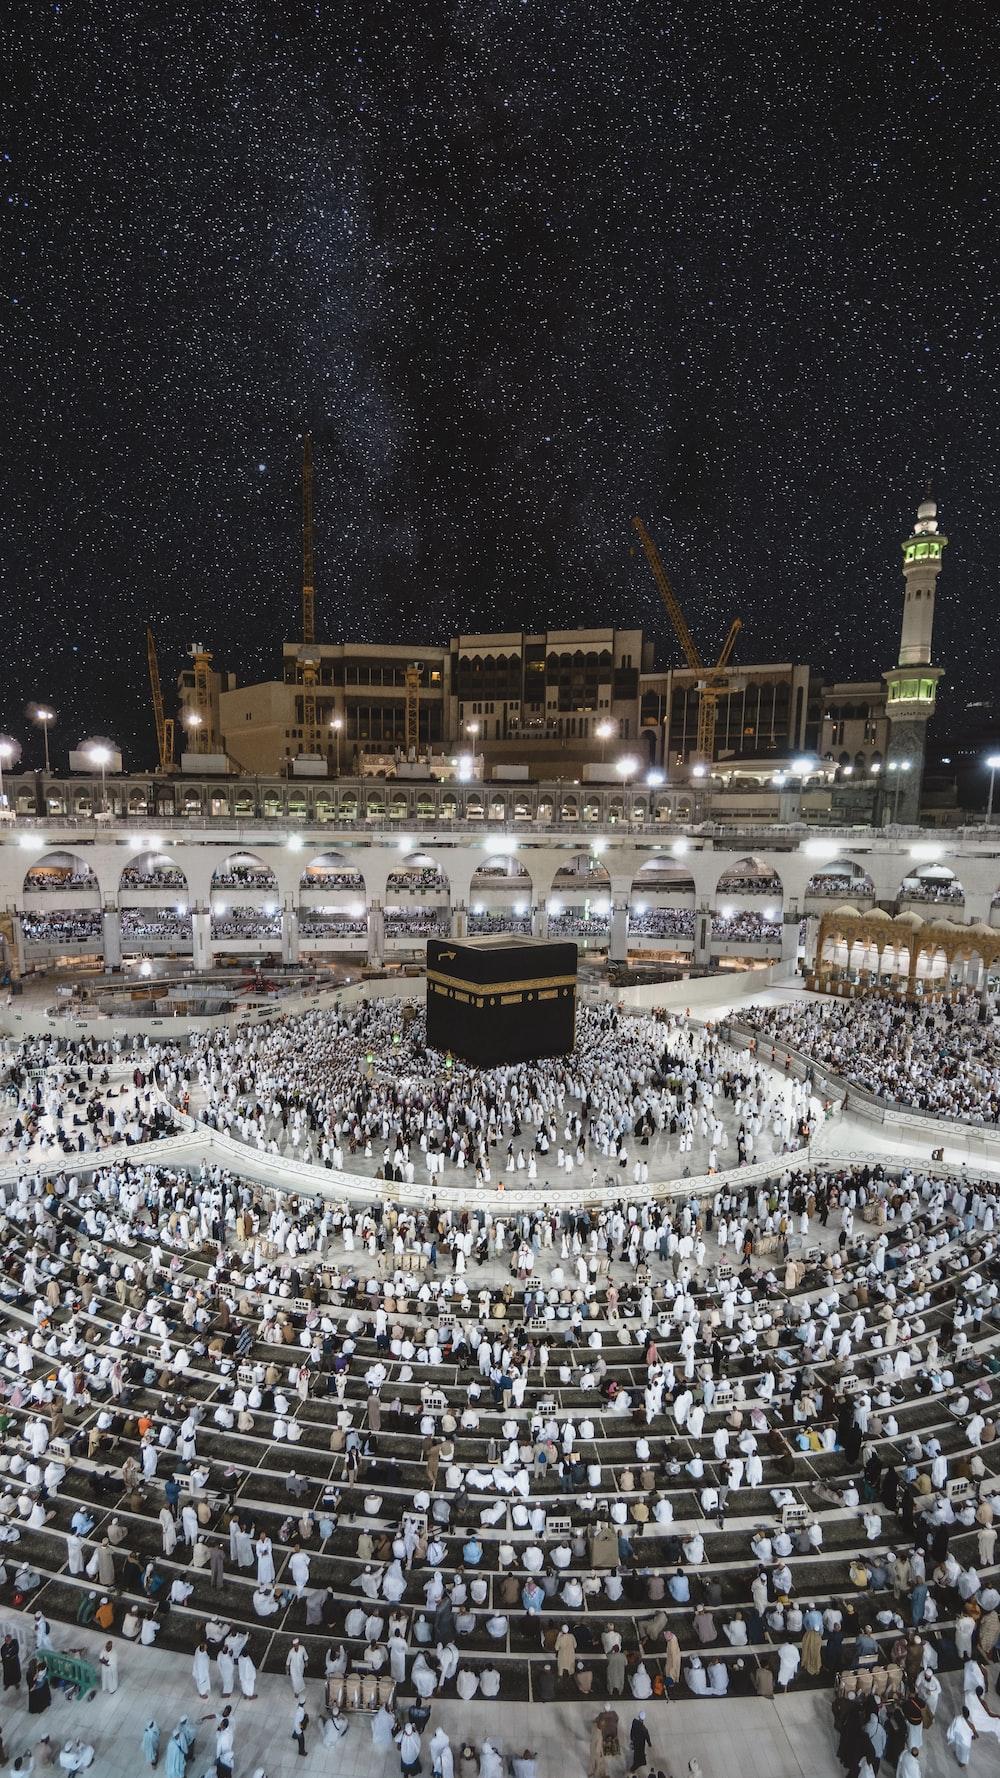 Kaaba praying ground